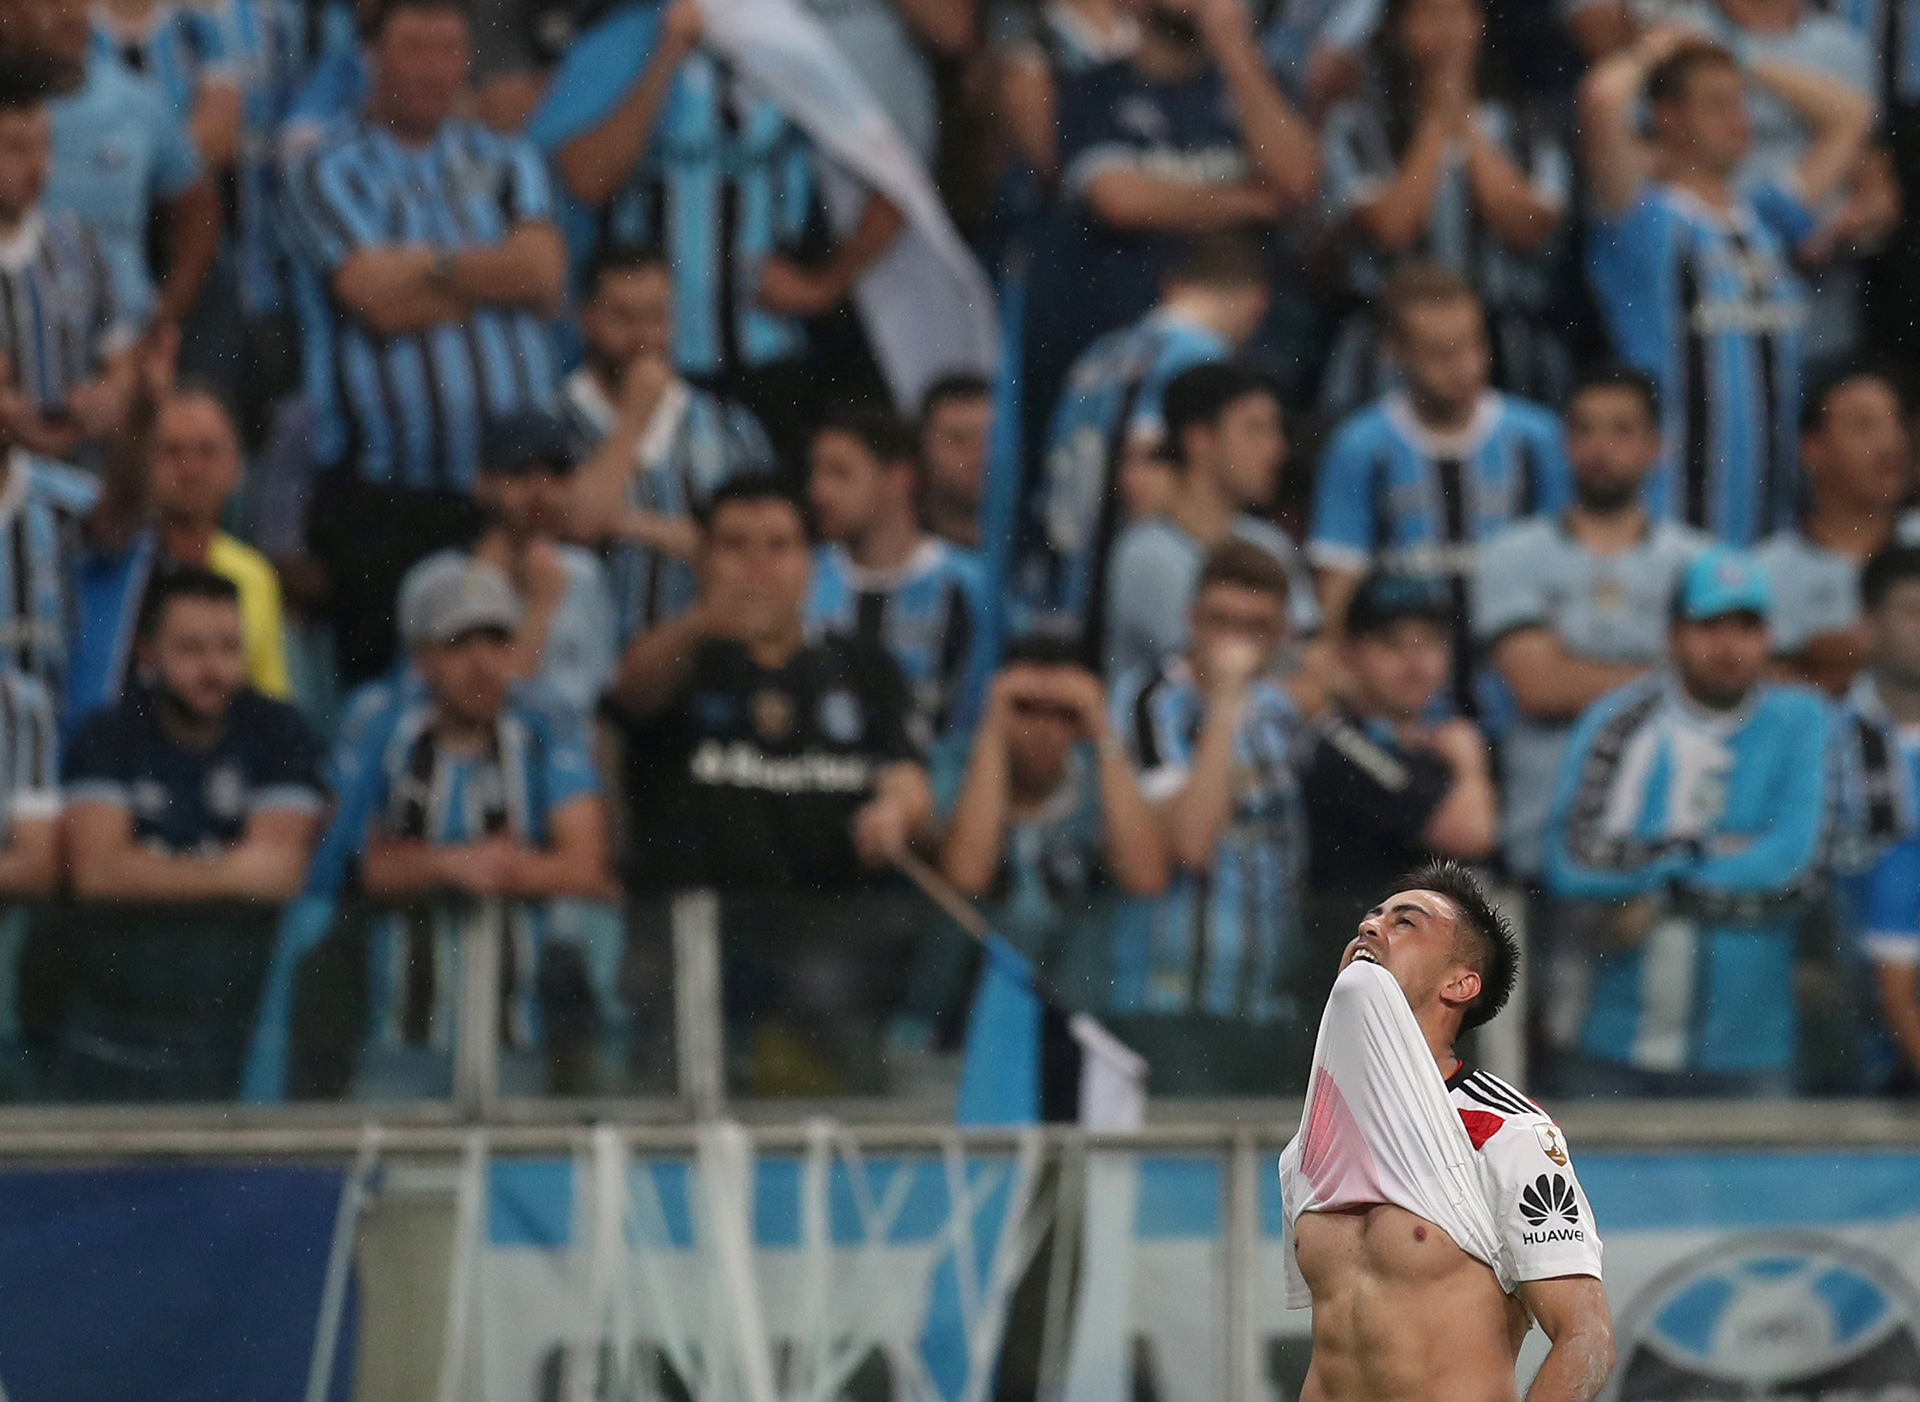 Los hinchas de Gremio no pueden creer cómo se le escapó el partido al equipo mientras Gonzalo Martínez mira al cielo para celebrar su gol, el de la clasificación de River a la final de la Copa Libertadores de América(REUTERS)